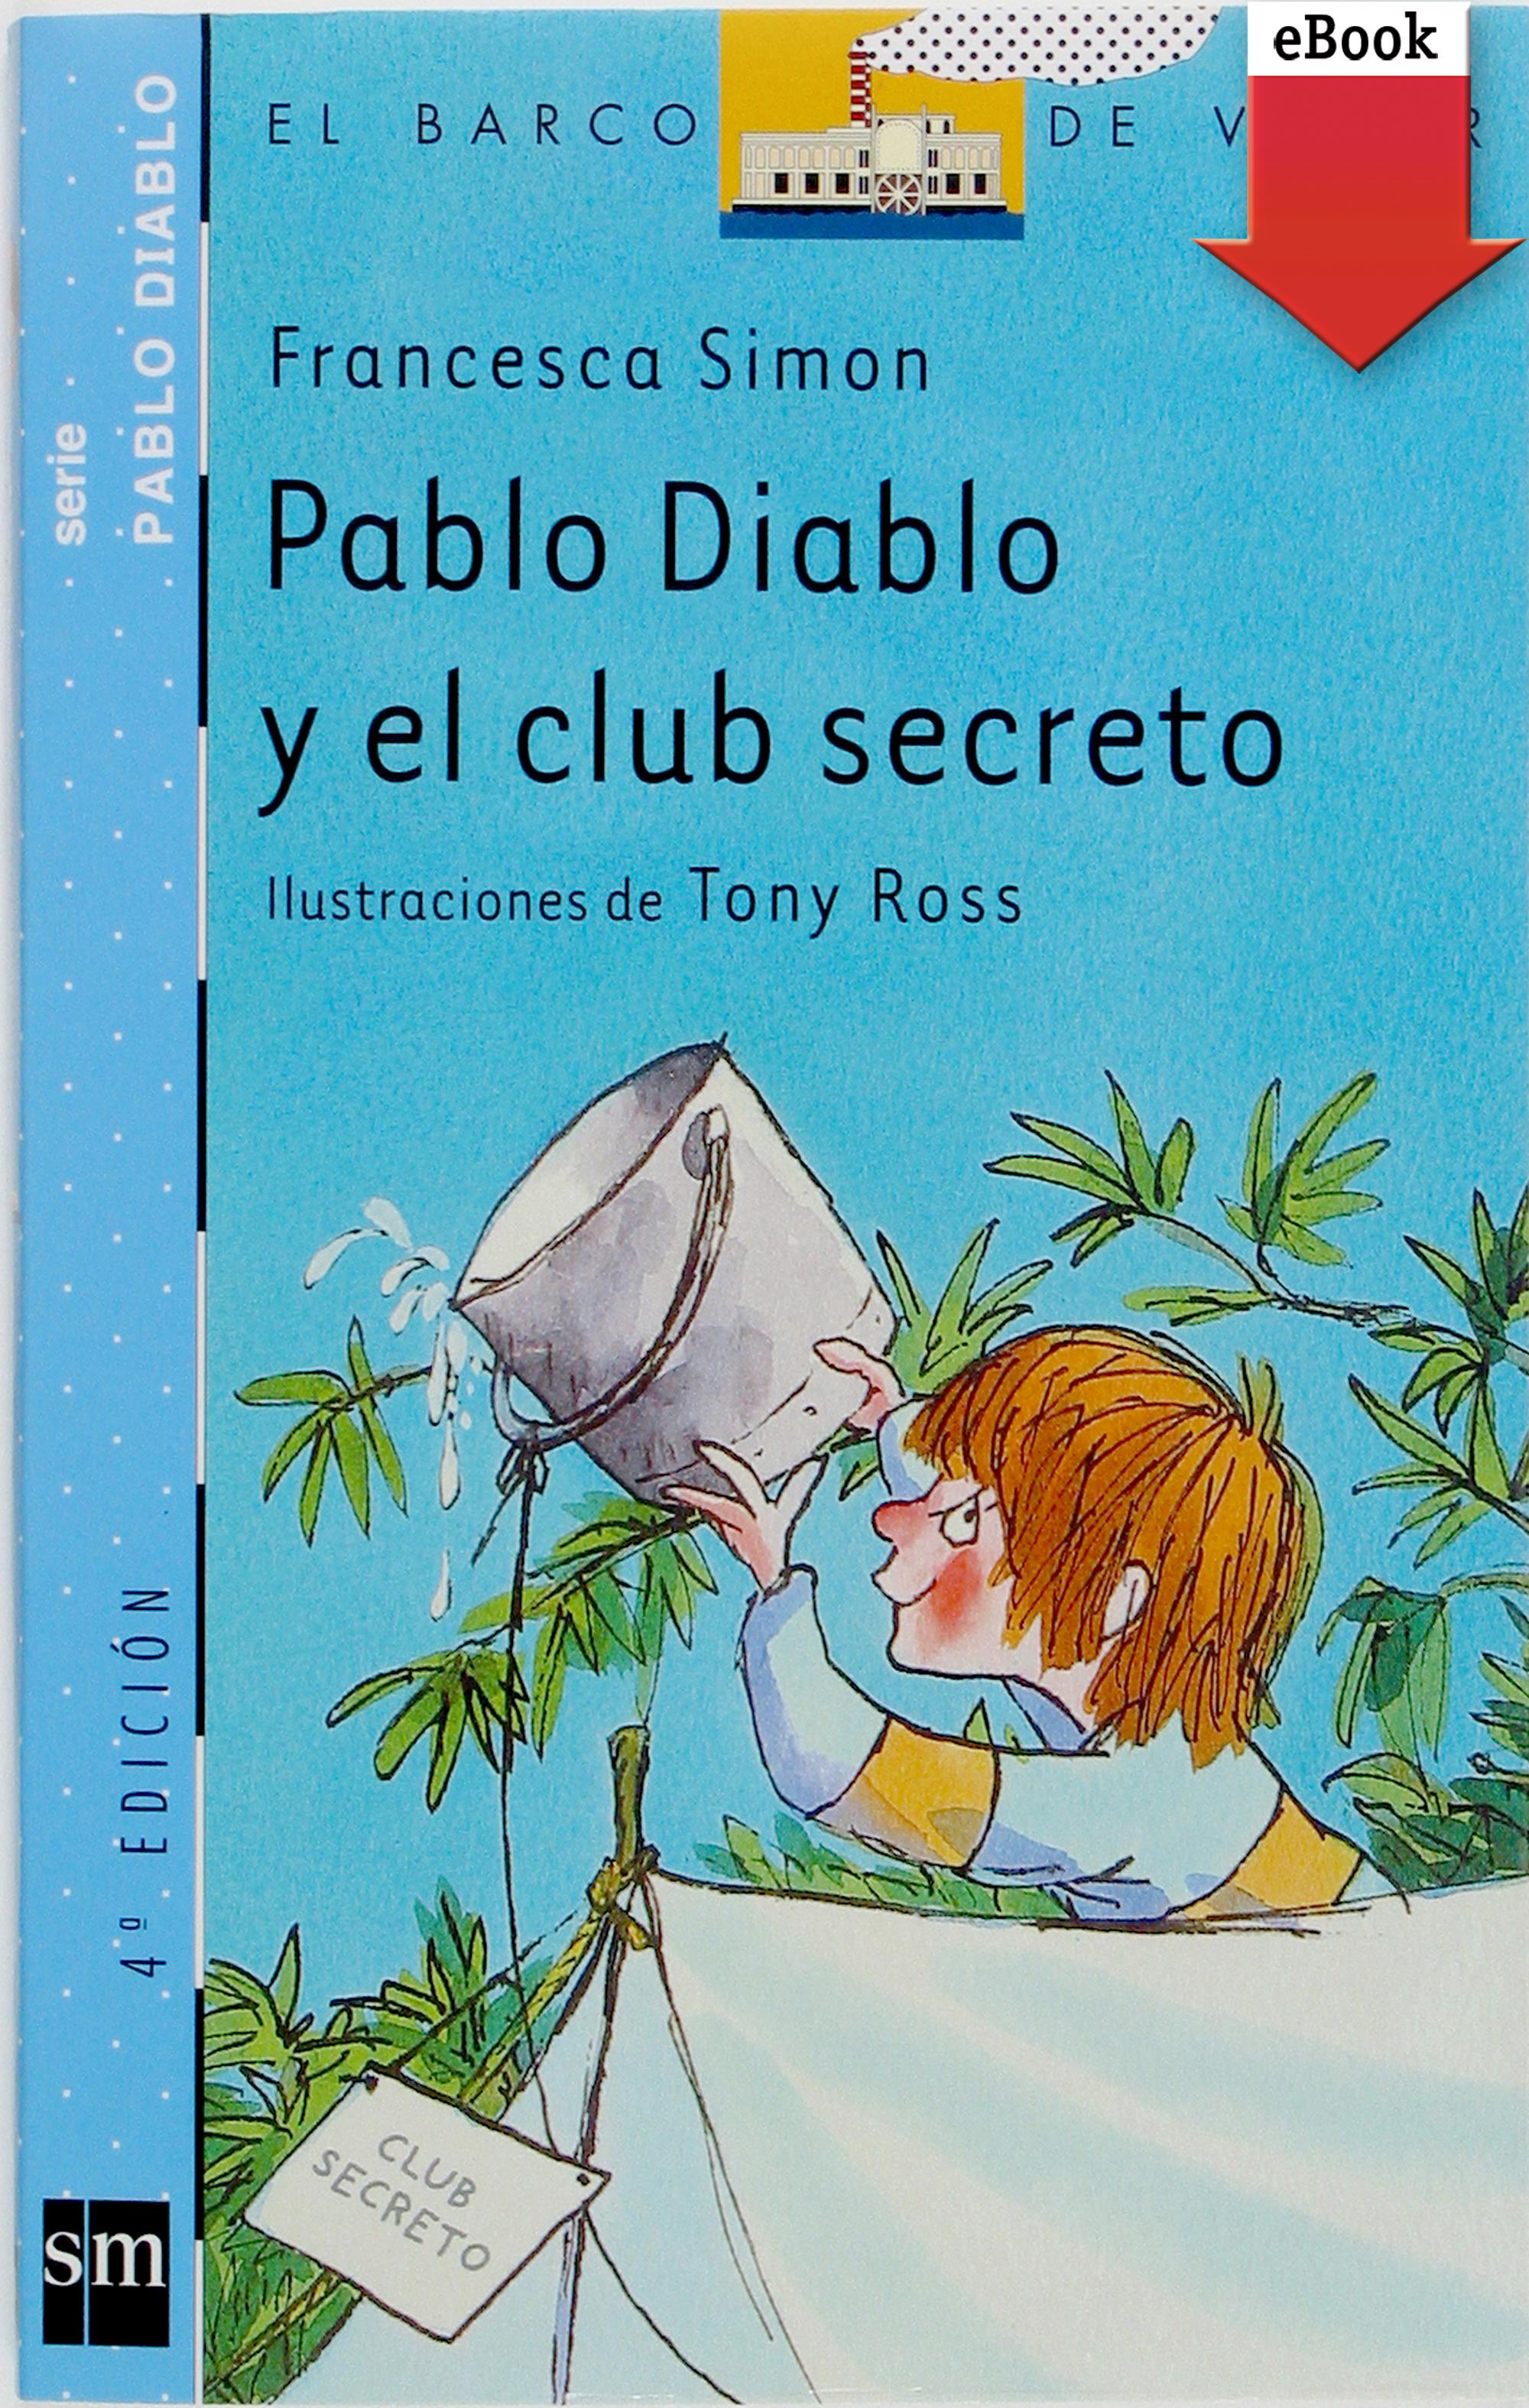 цена на Francesca Simon Pablo Diablo y el club secreto